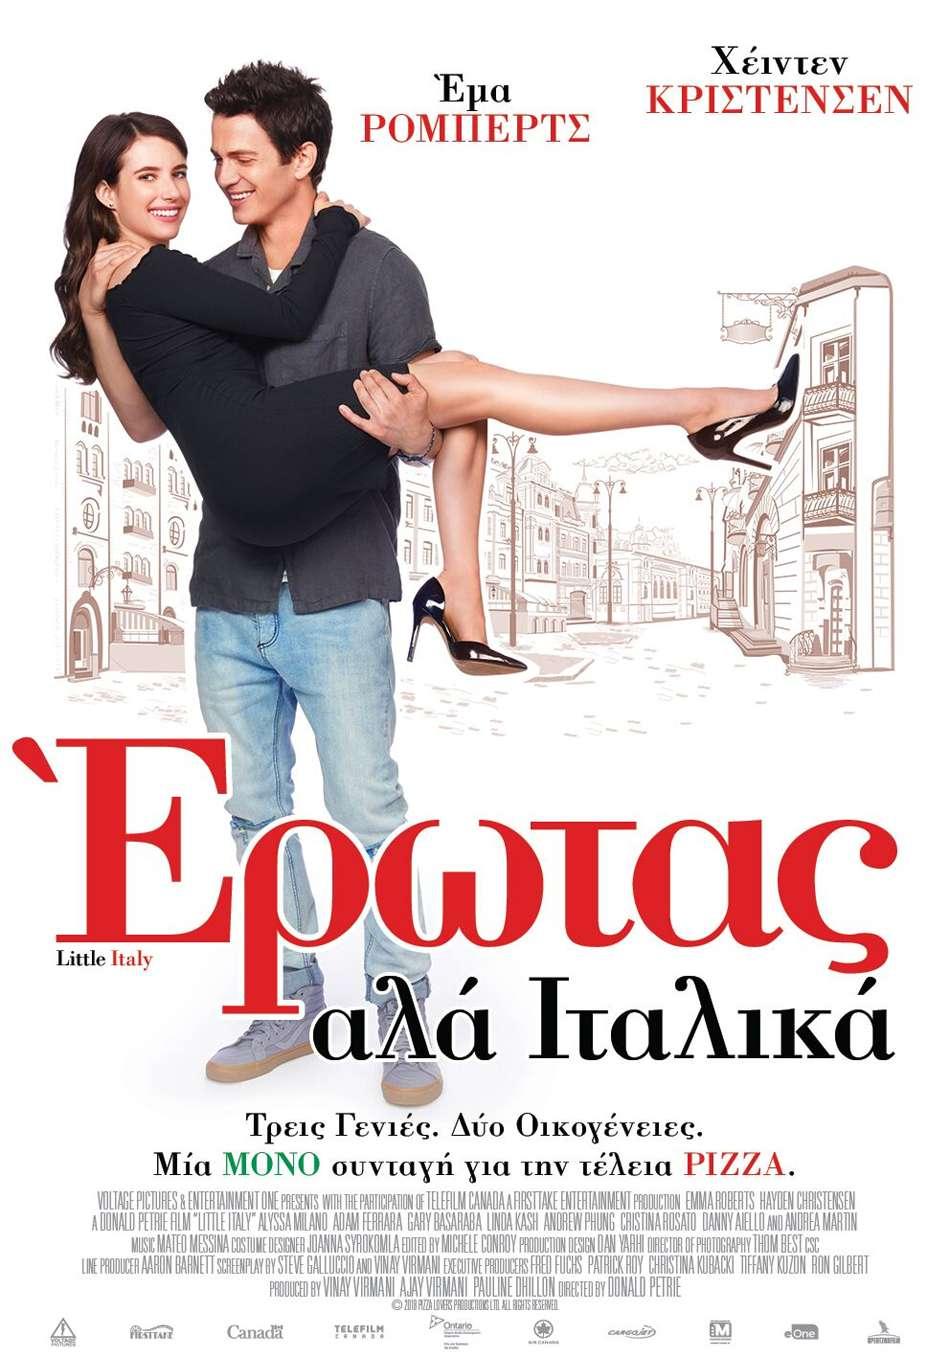 Έρωτας Αλά Ιταλικά (Little Italy) - Trailer / Τρέιλερ Poster